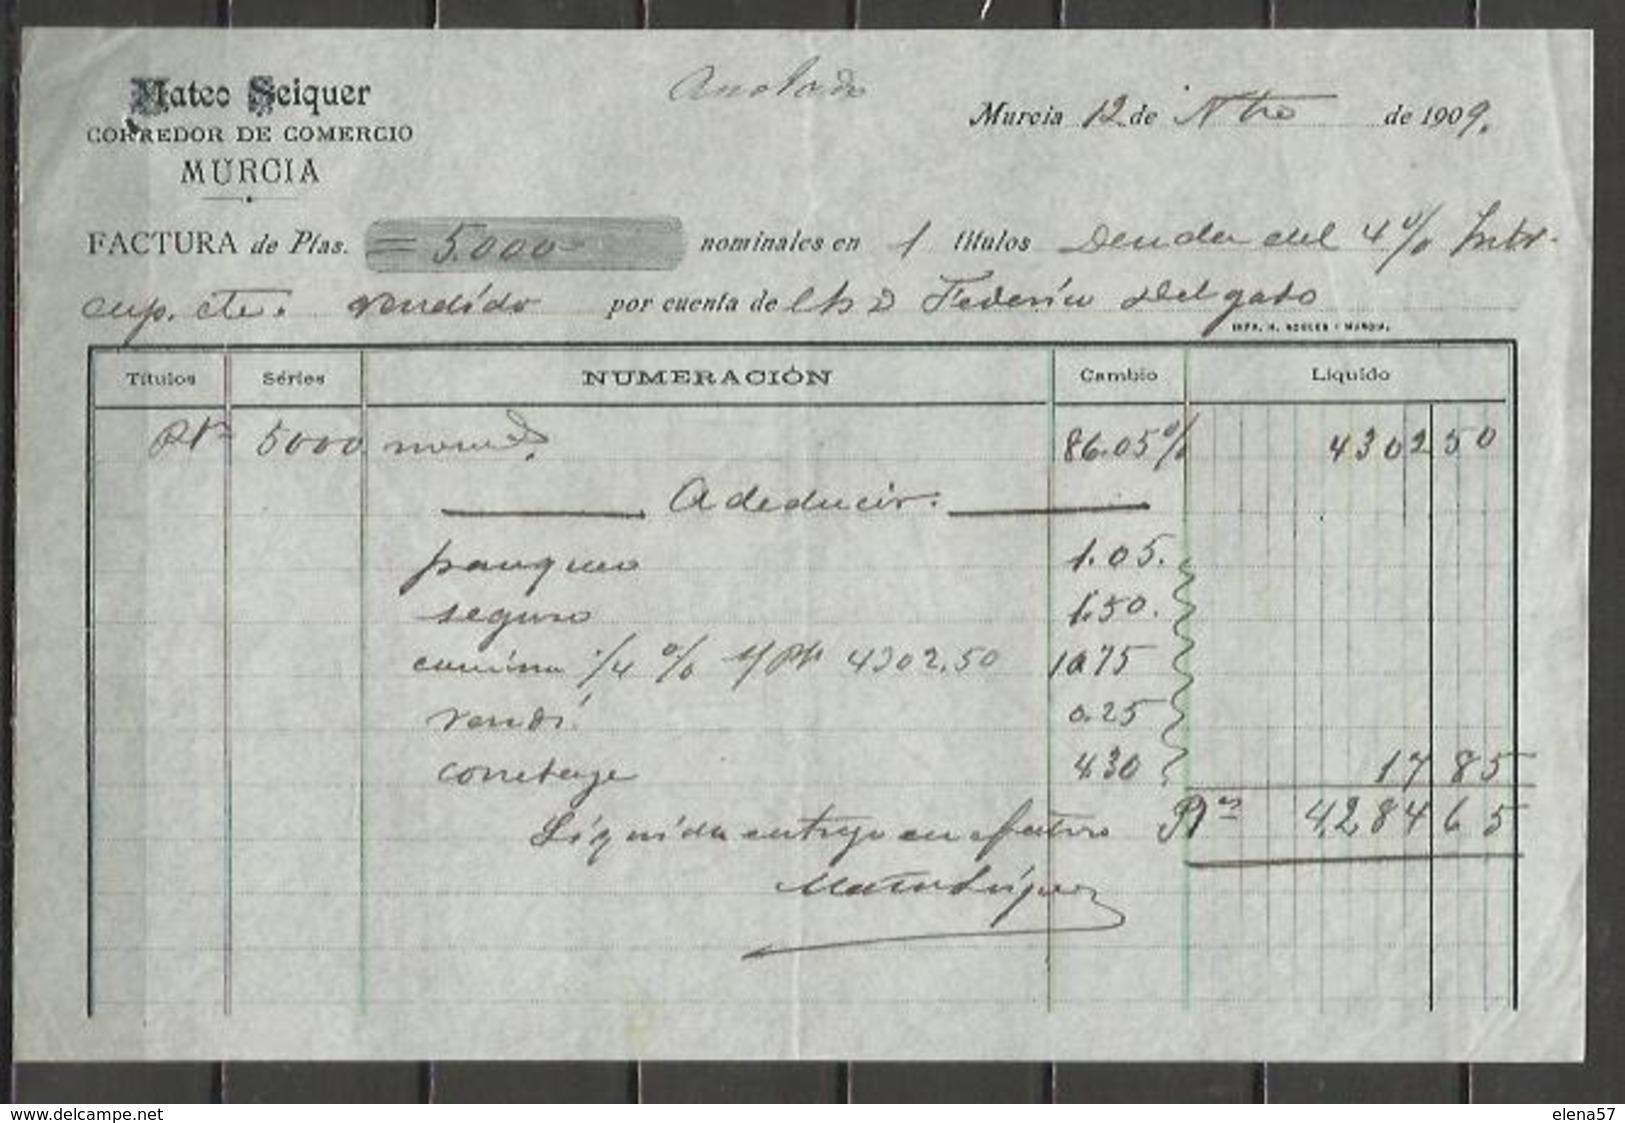 Q5043-DOCUMENTO MURCIA AÑO 1909 MATEO SEIQUER CORREDOR DE COMERCIO FEDERICO DELGADO CEHEGIN,DOCUMENTO MERCANTIL.PERFECTO - España